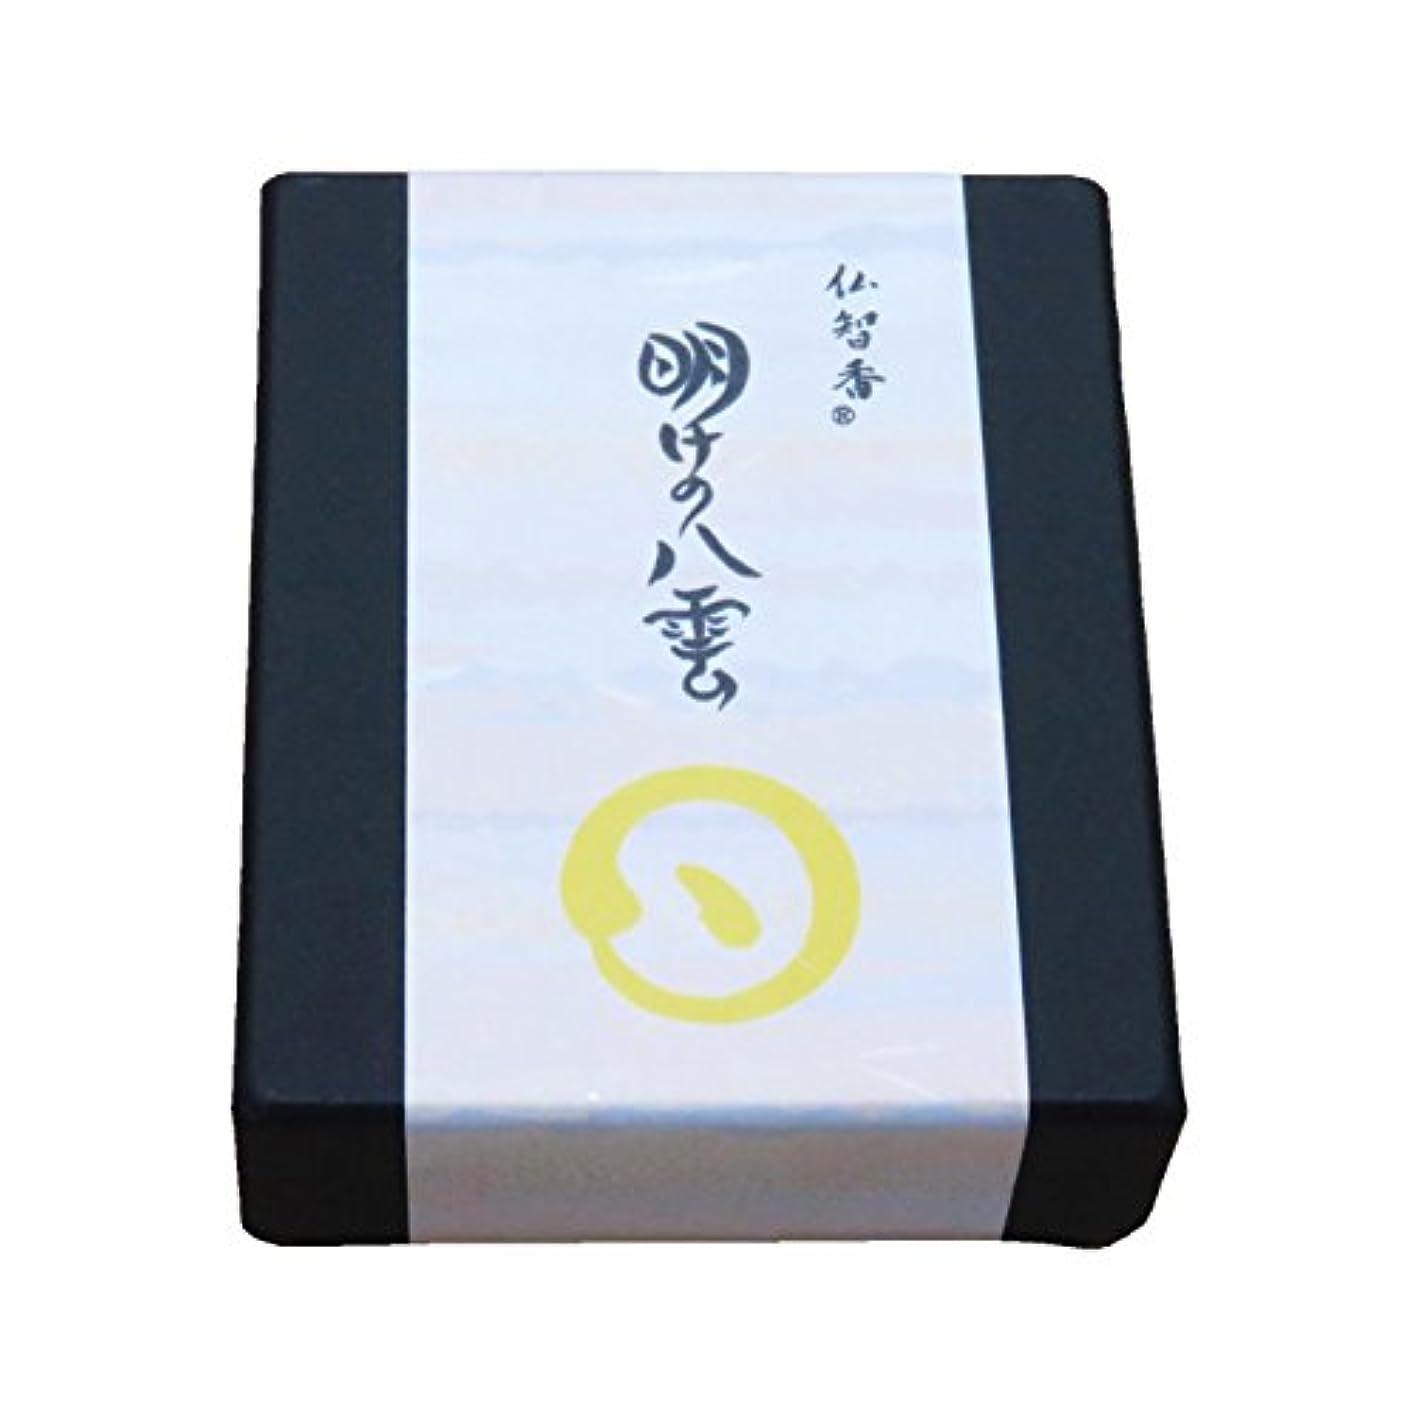 魅了するノーブル普遍的な癒しのお香 <仏智香 明けの八雲> 仏智香 厳選10種が楽しめます 奈良のお香屋あーく煌々(きらら)